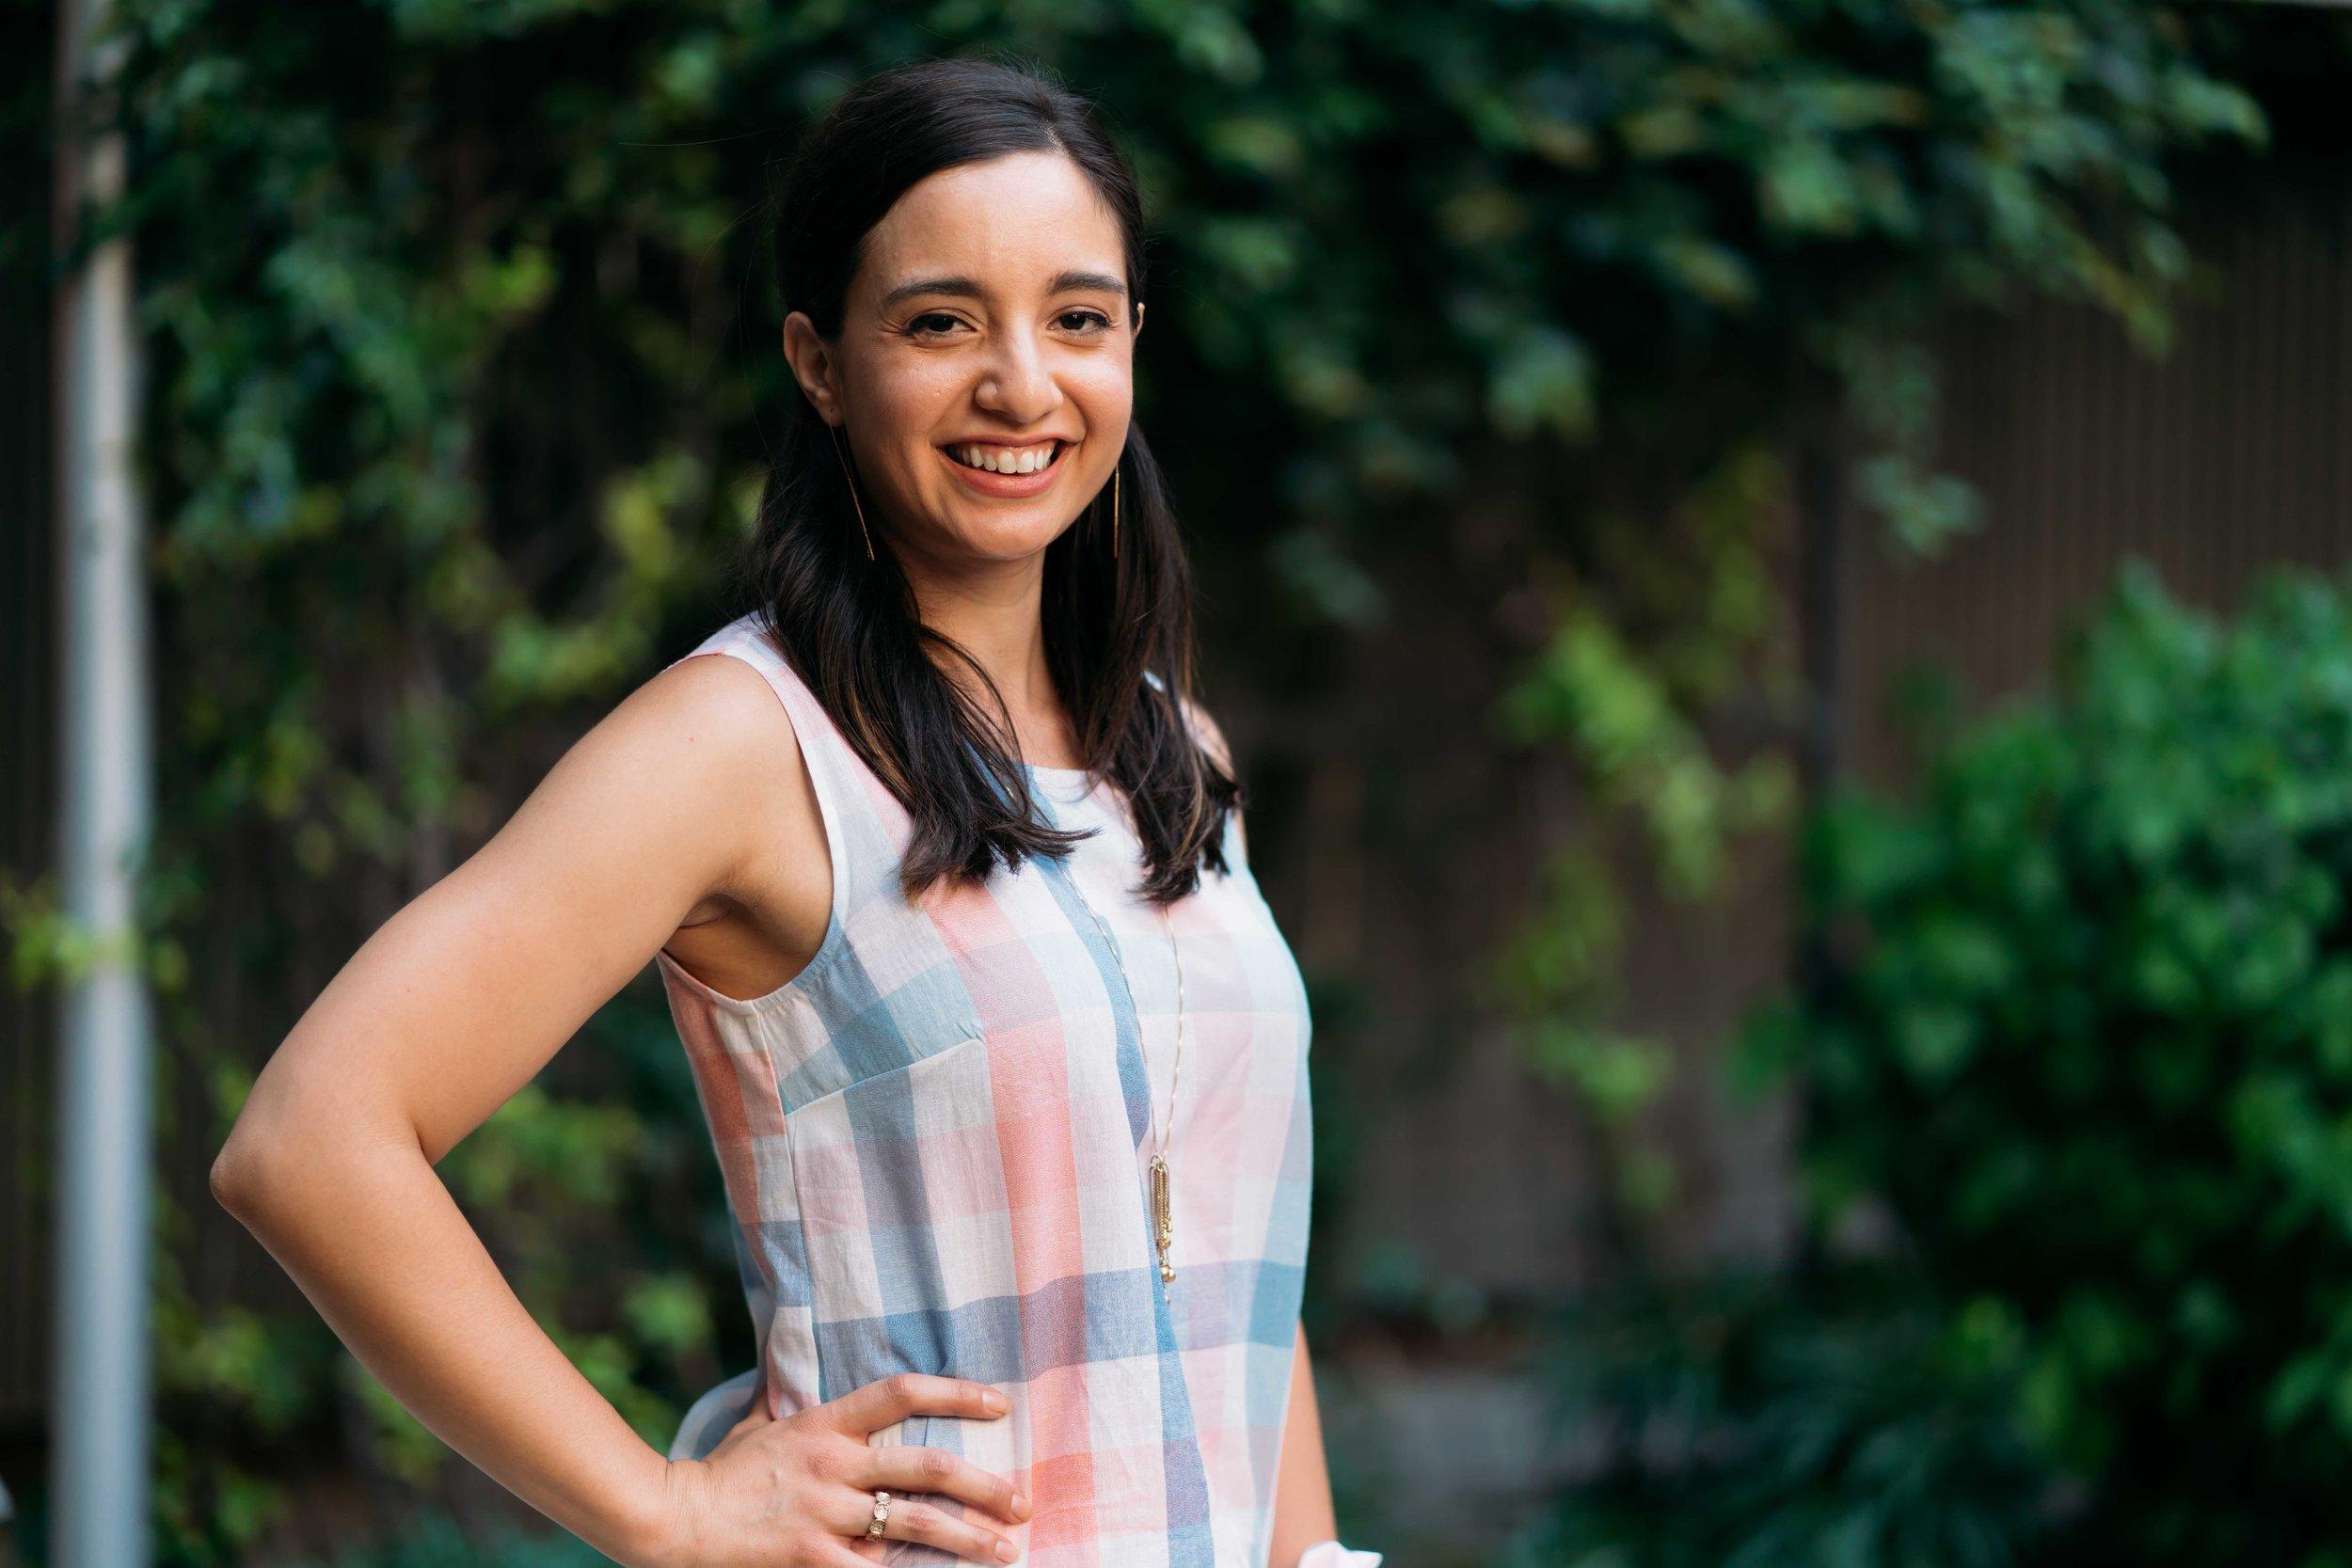 Sarah Carter, Construction & Design Manager + Realtor